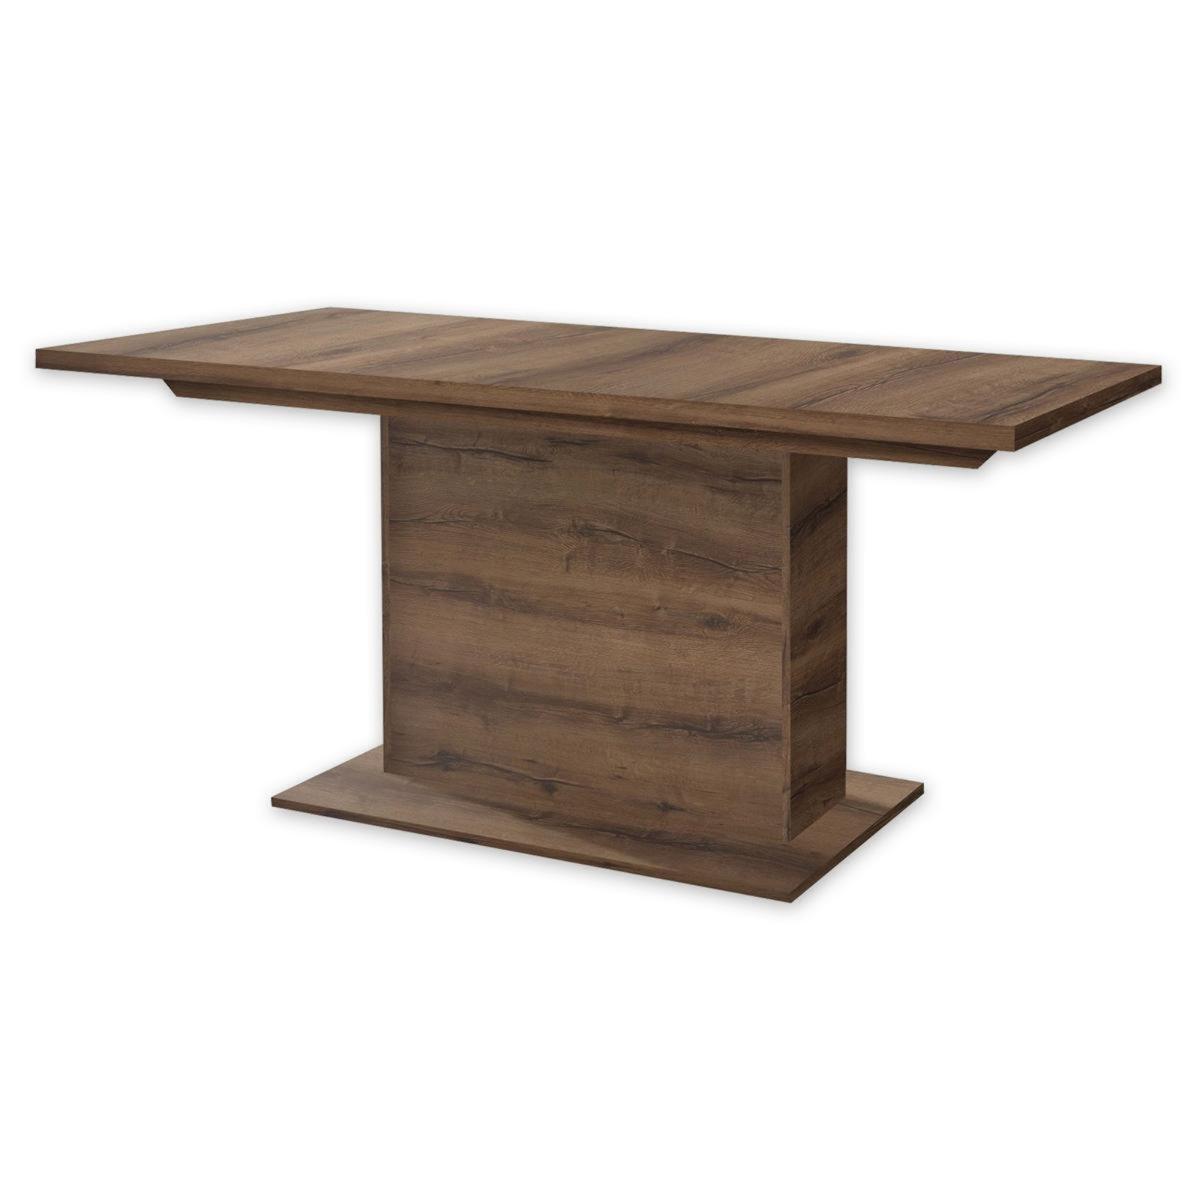 esstisch est schlammeiche ausziehbar ebay. Black Bedroom Furniture Sets. Home Design Ideas